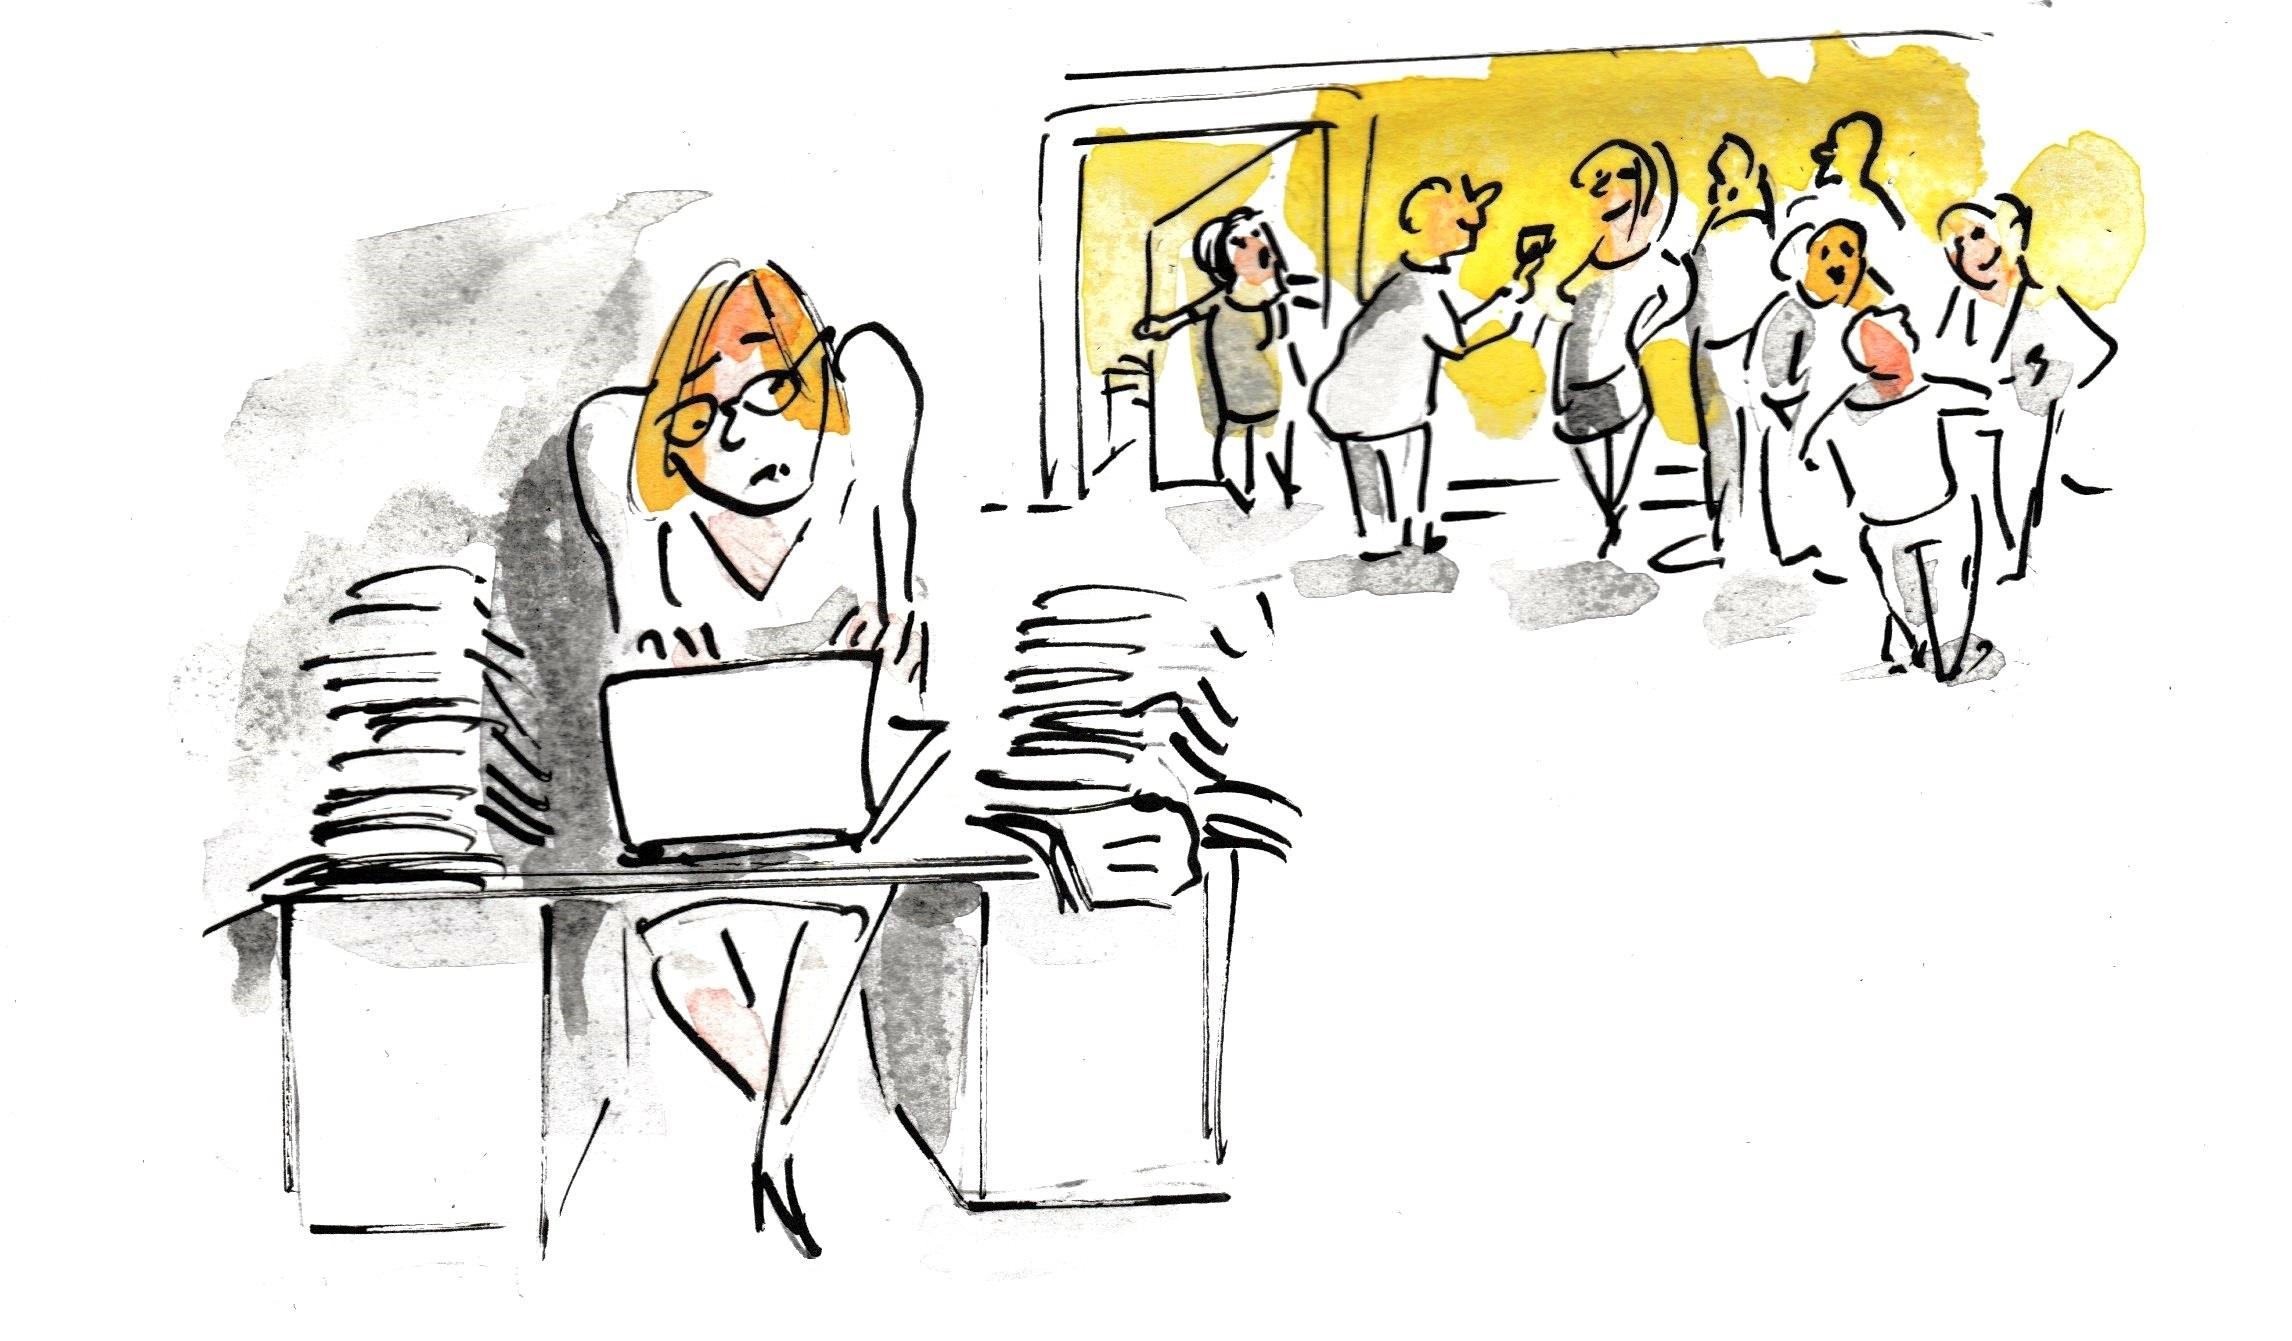 Als Einzelkämpferin arbeitet eine Frau am Schreibtisch, die Kollegen unterhalten sich.